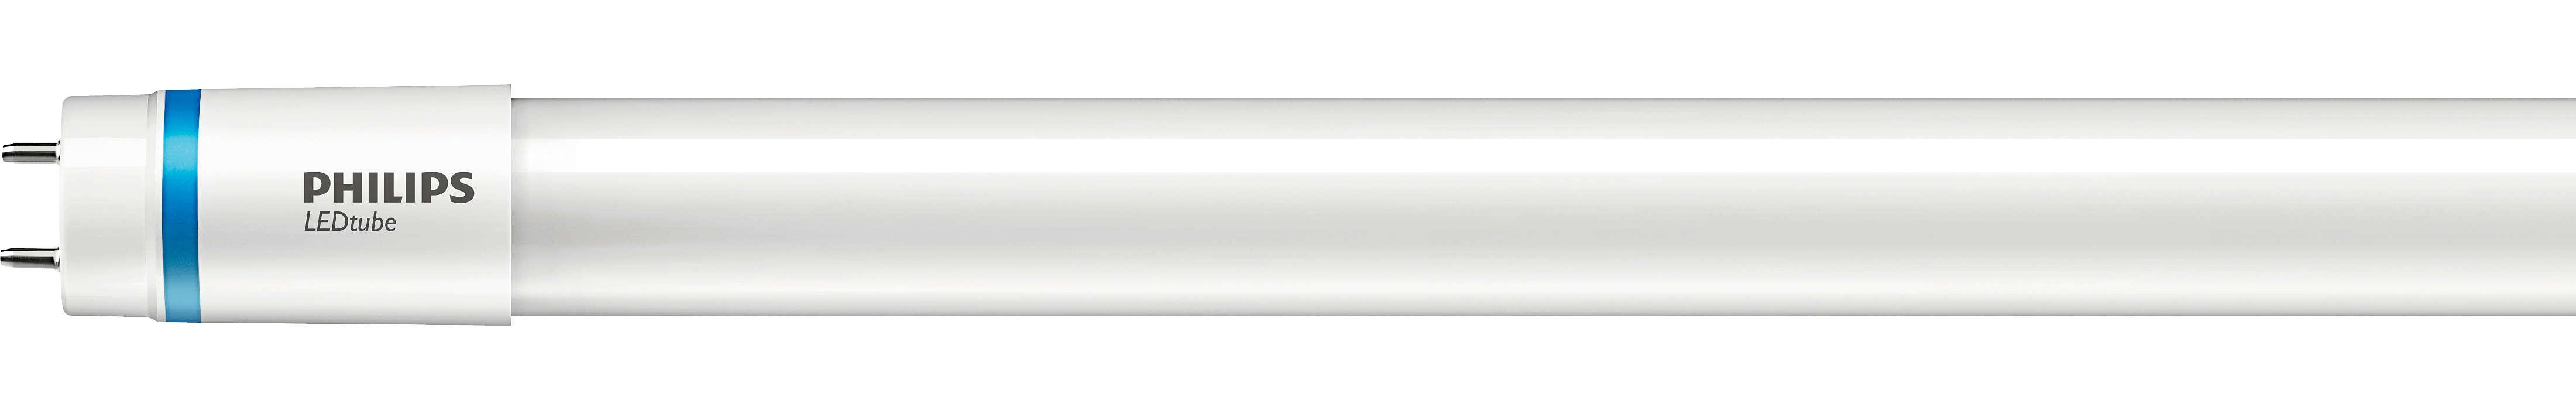 La nuova generazione di illuminazione tubolare a risparmio energetico